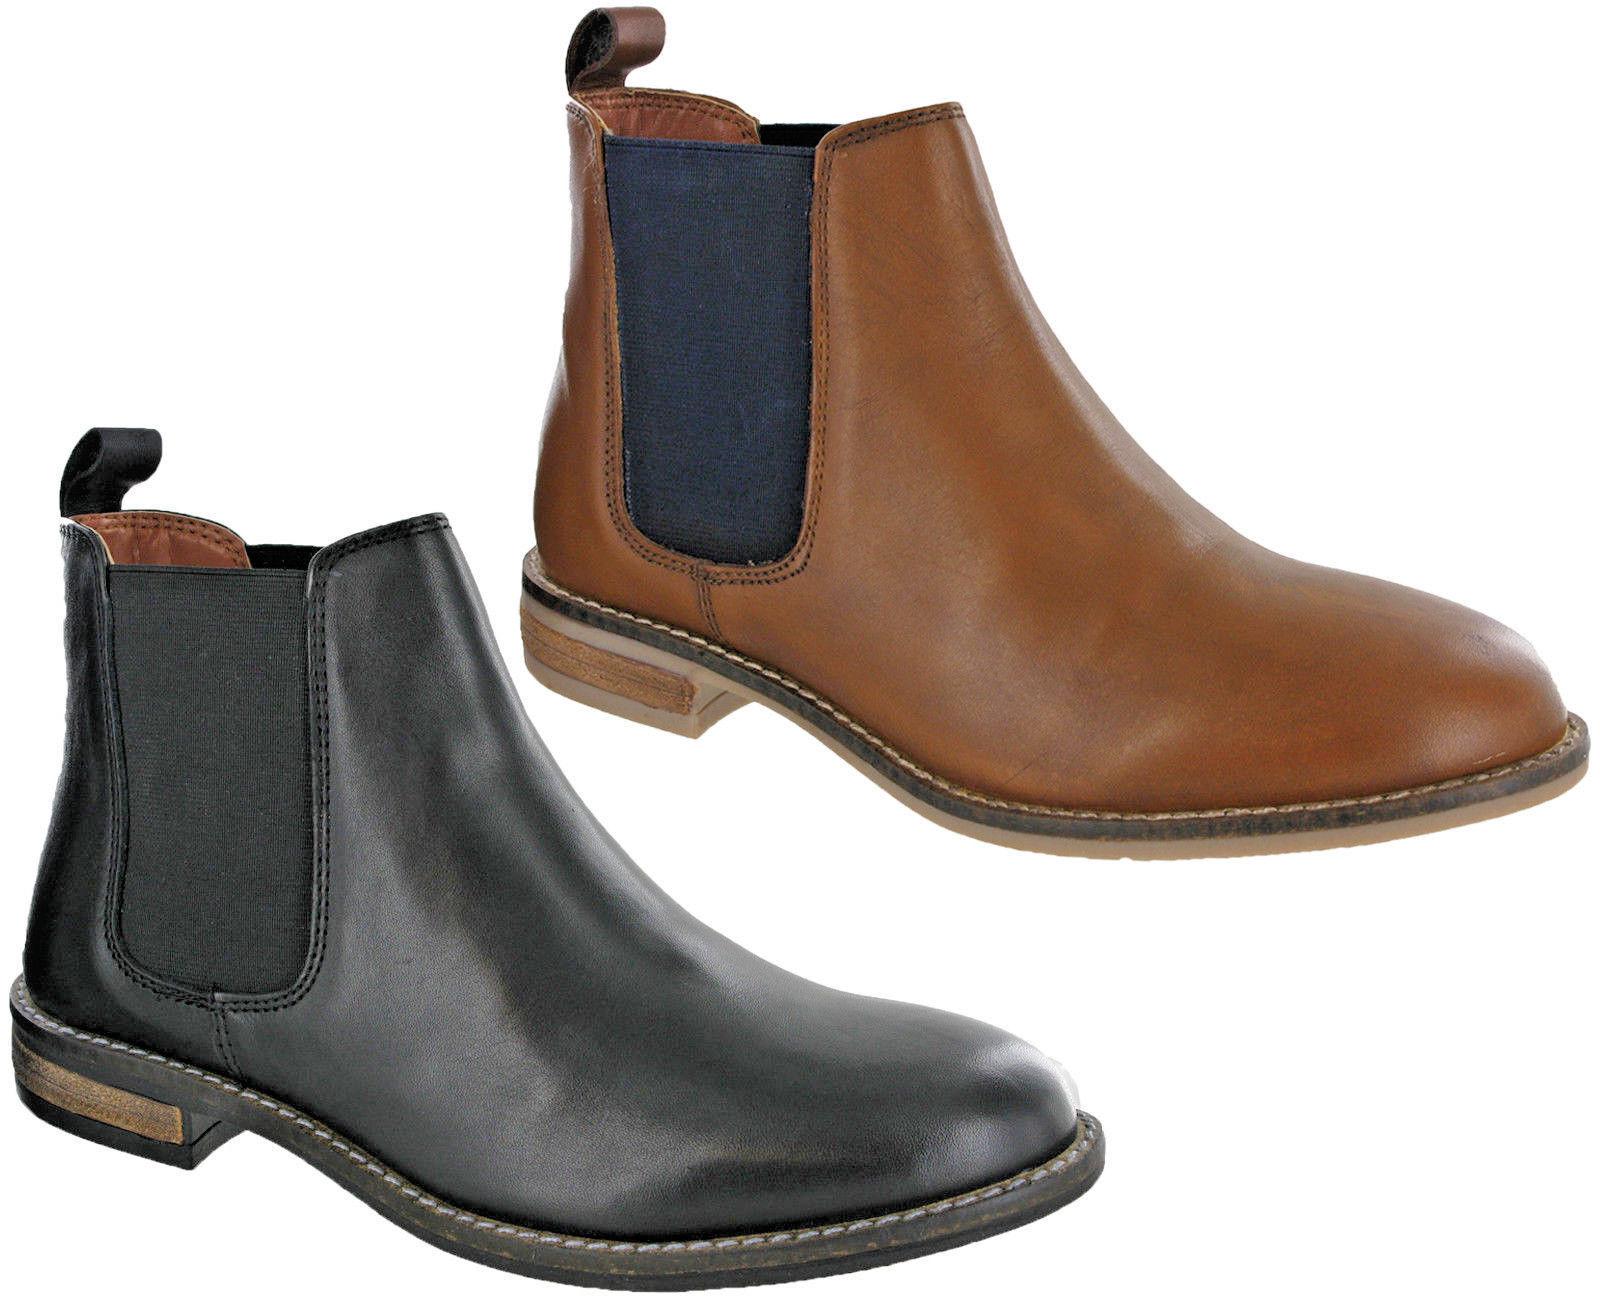 Cipriata alla Caviglia in Pelle Rivenditore Stivali DOPPIO INSERTO ELAST. Equitazione Equestre da donna